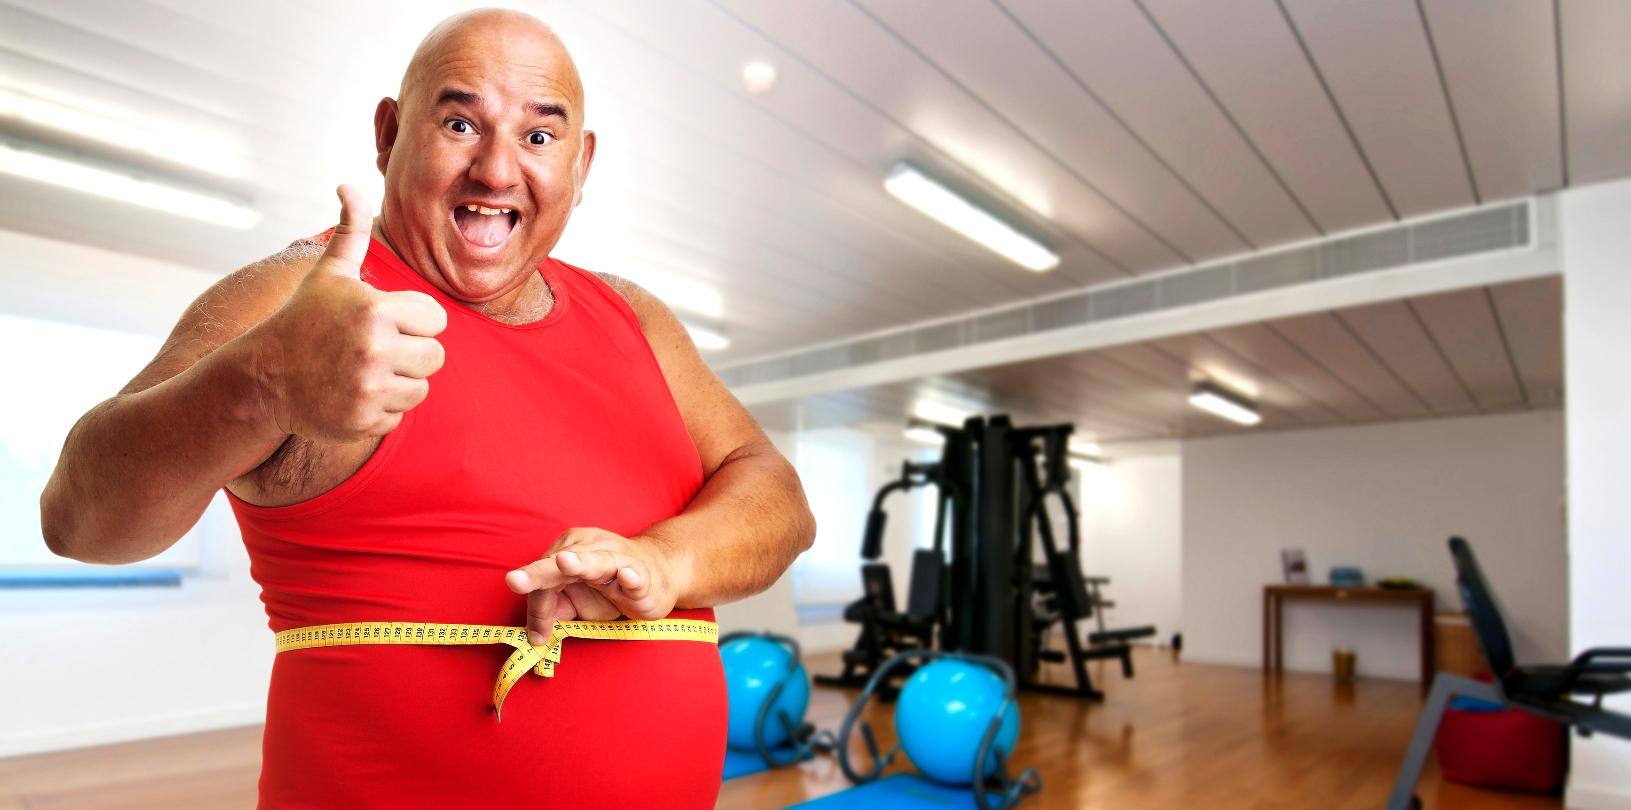 Выбирайте силовые тренировки для сжигания жира, они самые эффективные